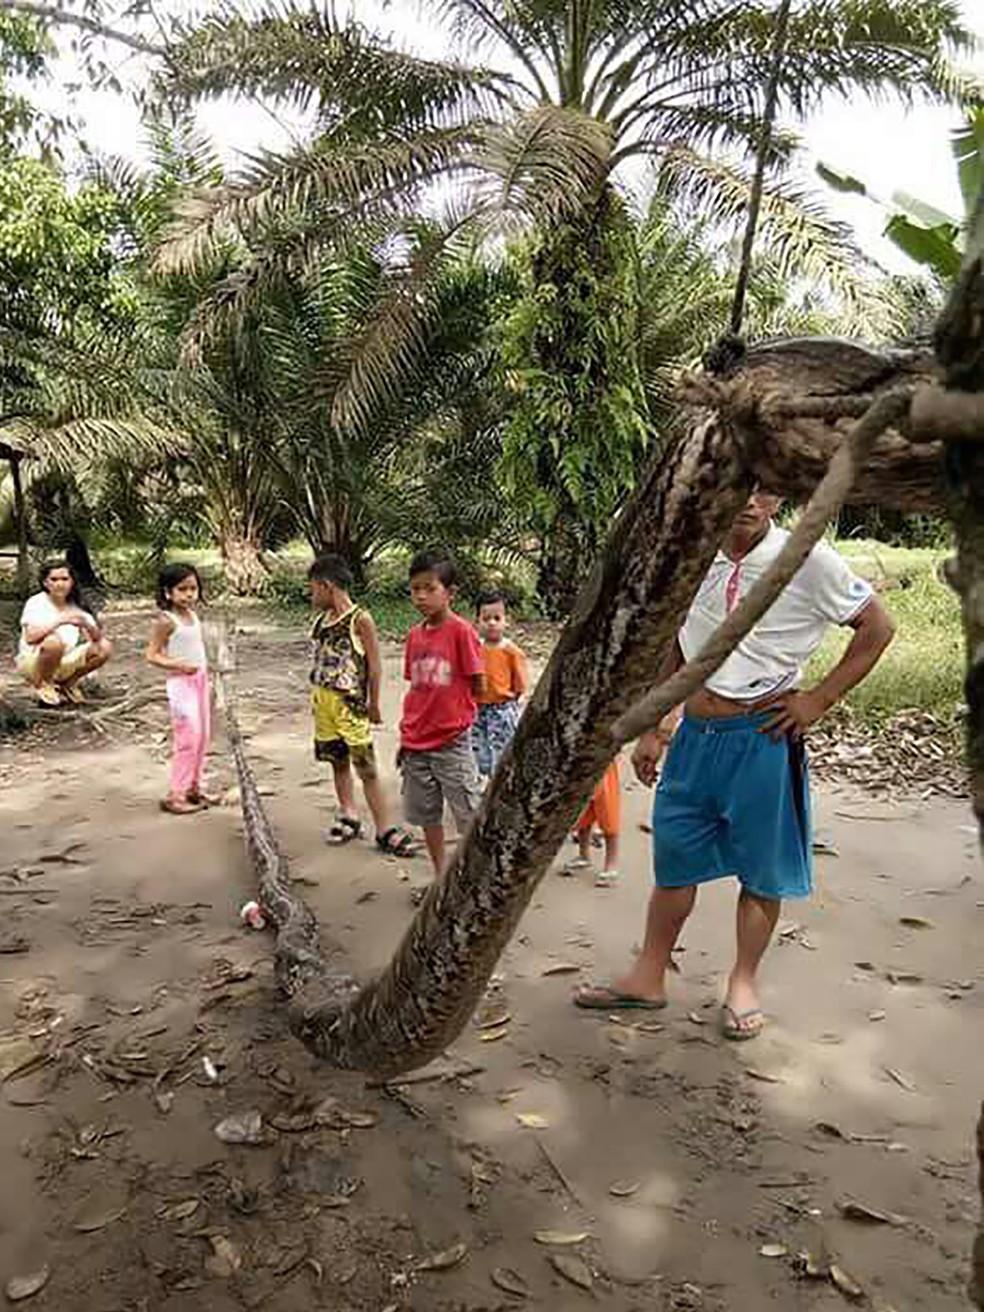 Cobra ficou mostrada por moradores da região (Foto: Batang Gansal Police/AFP)